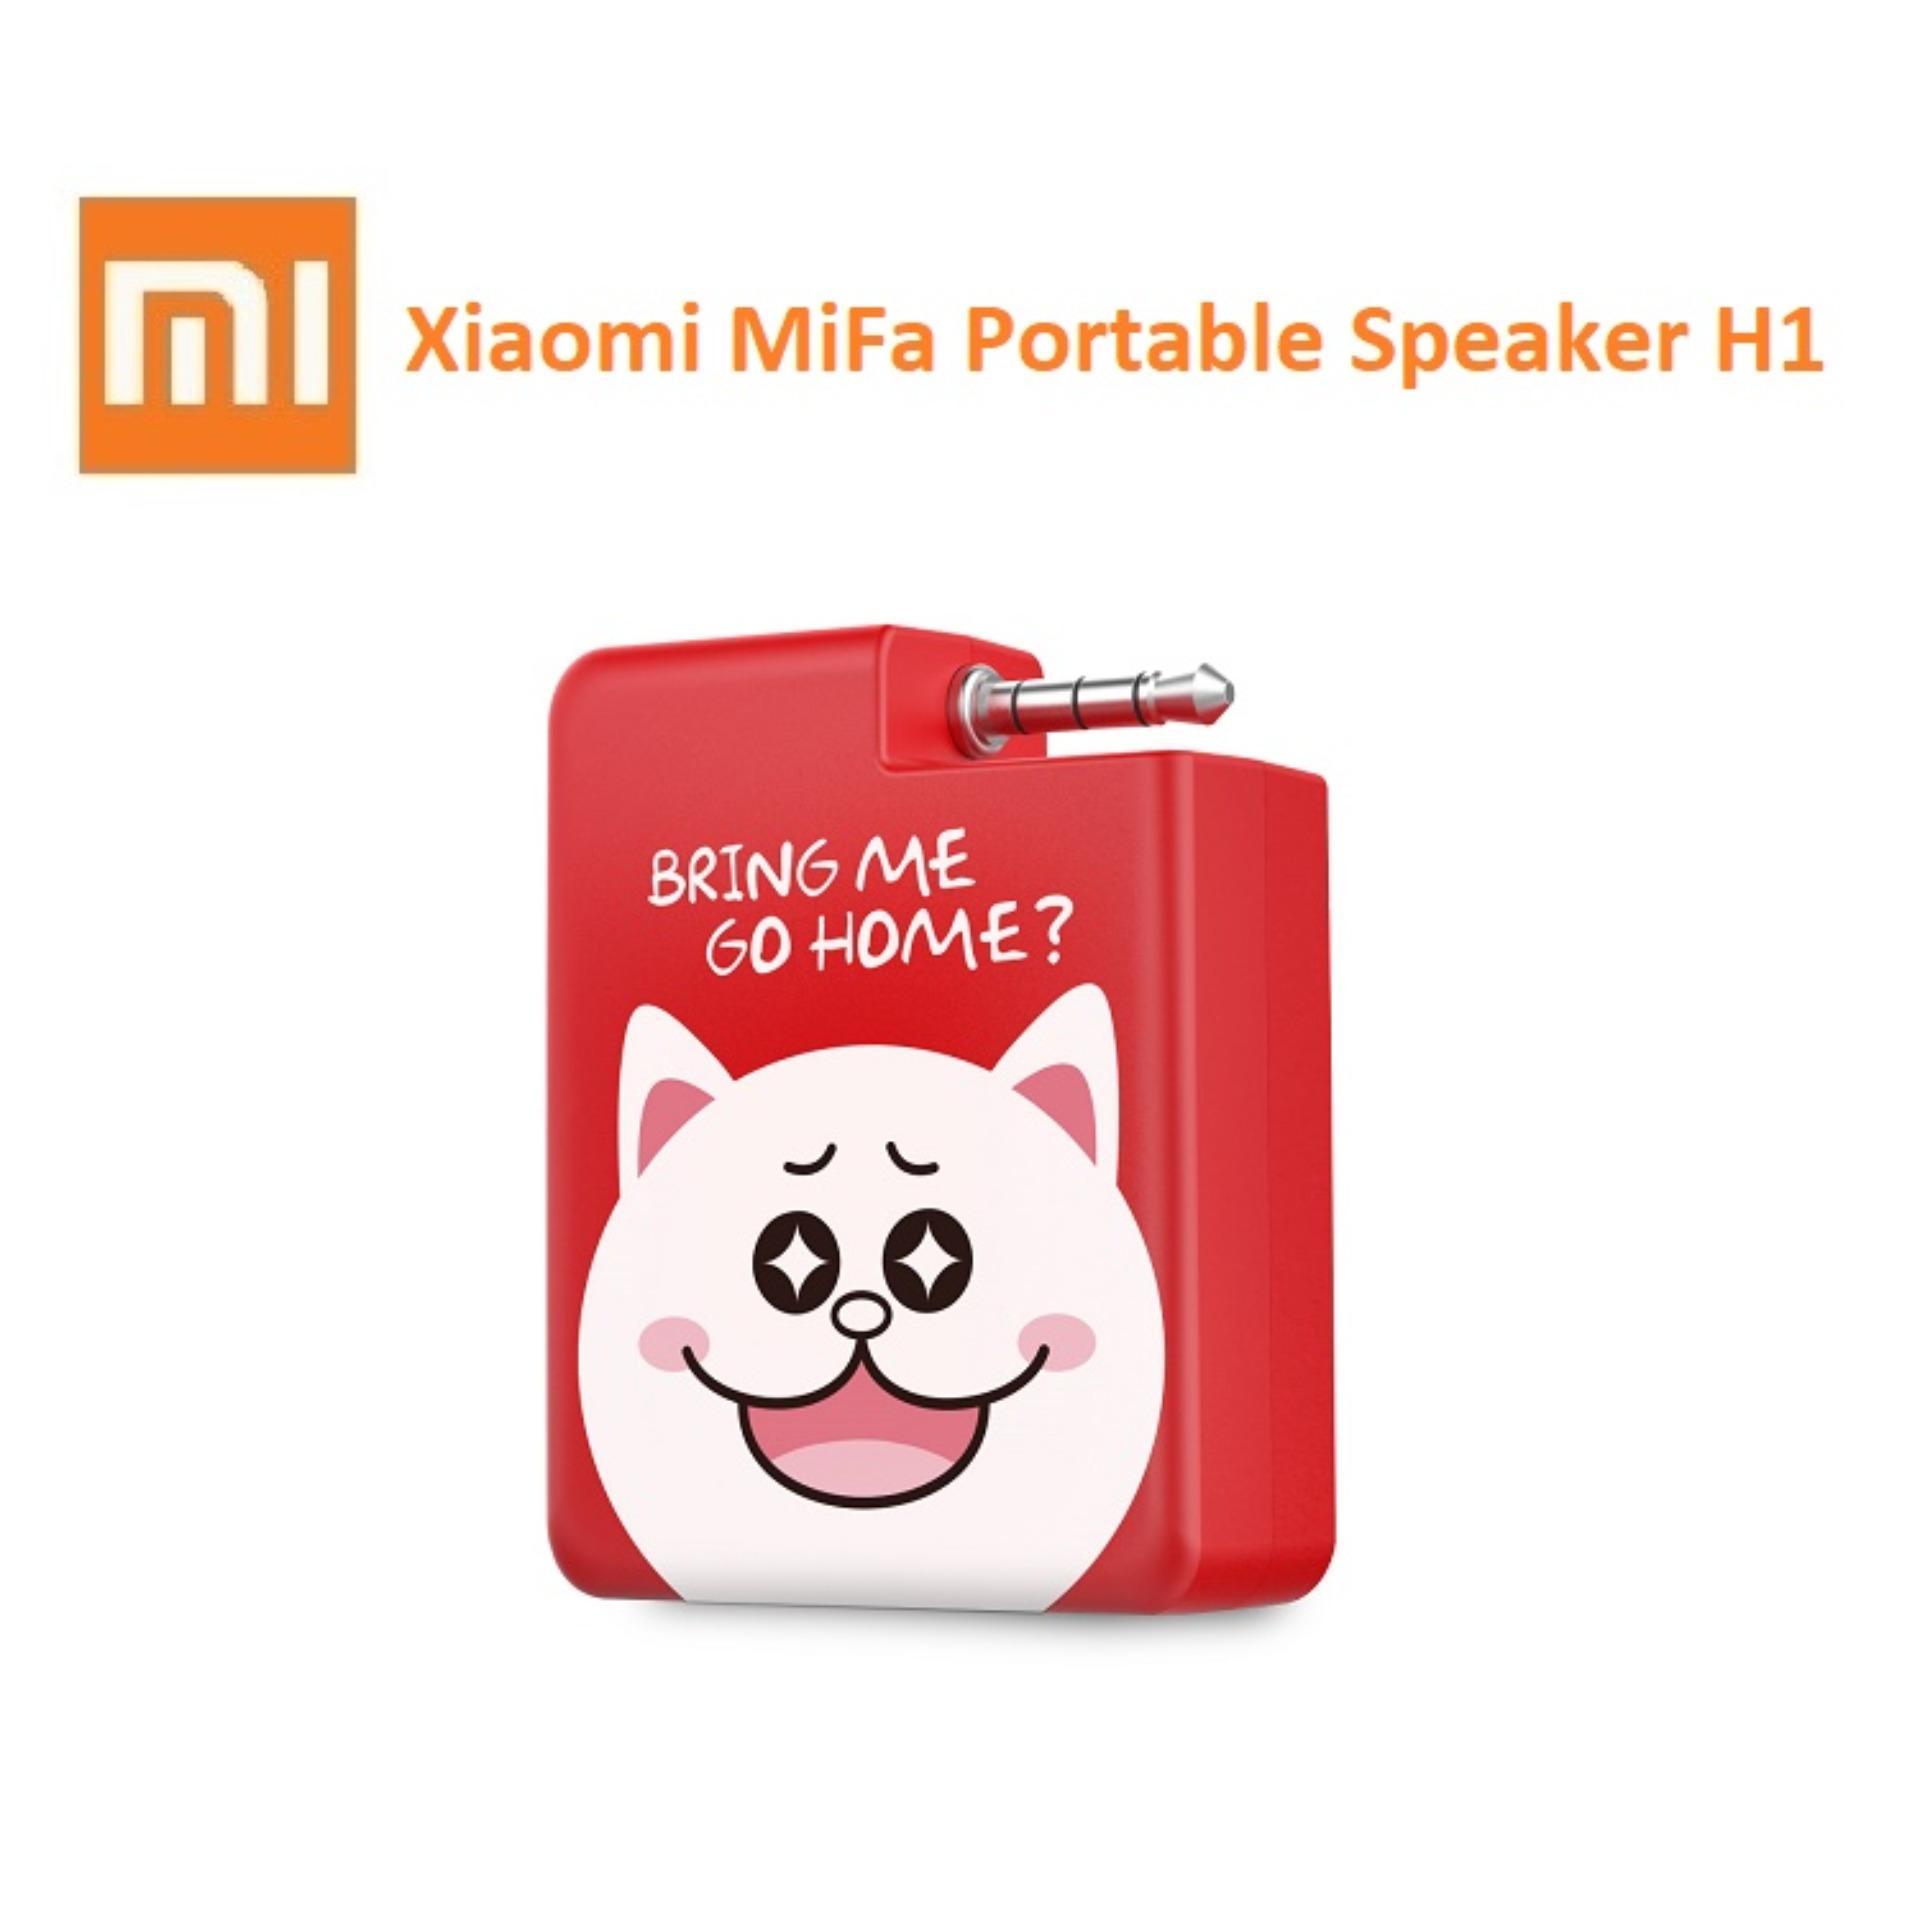 Harga Xiaomi Mifa H1 Portable Speaker Stereo Mini 3 5Mm Audio Plug N Play Merah Yang Murah Dan Bagus